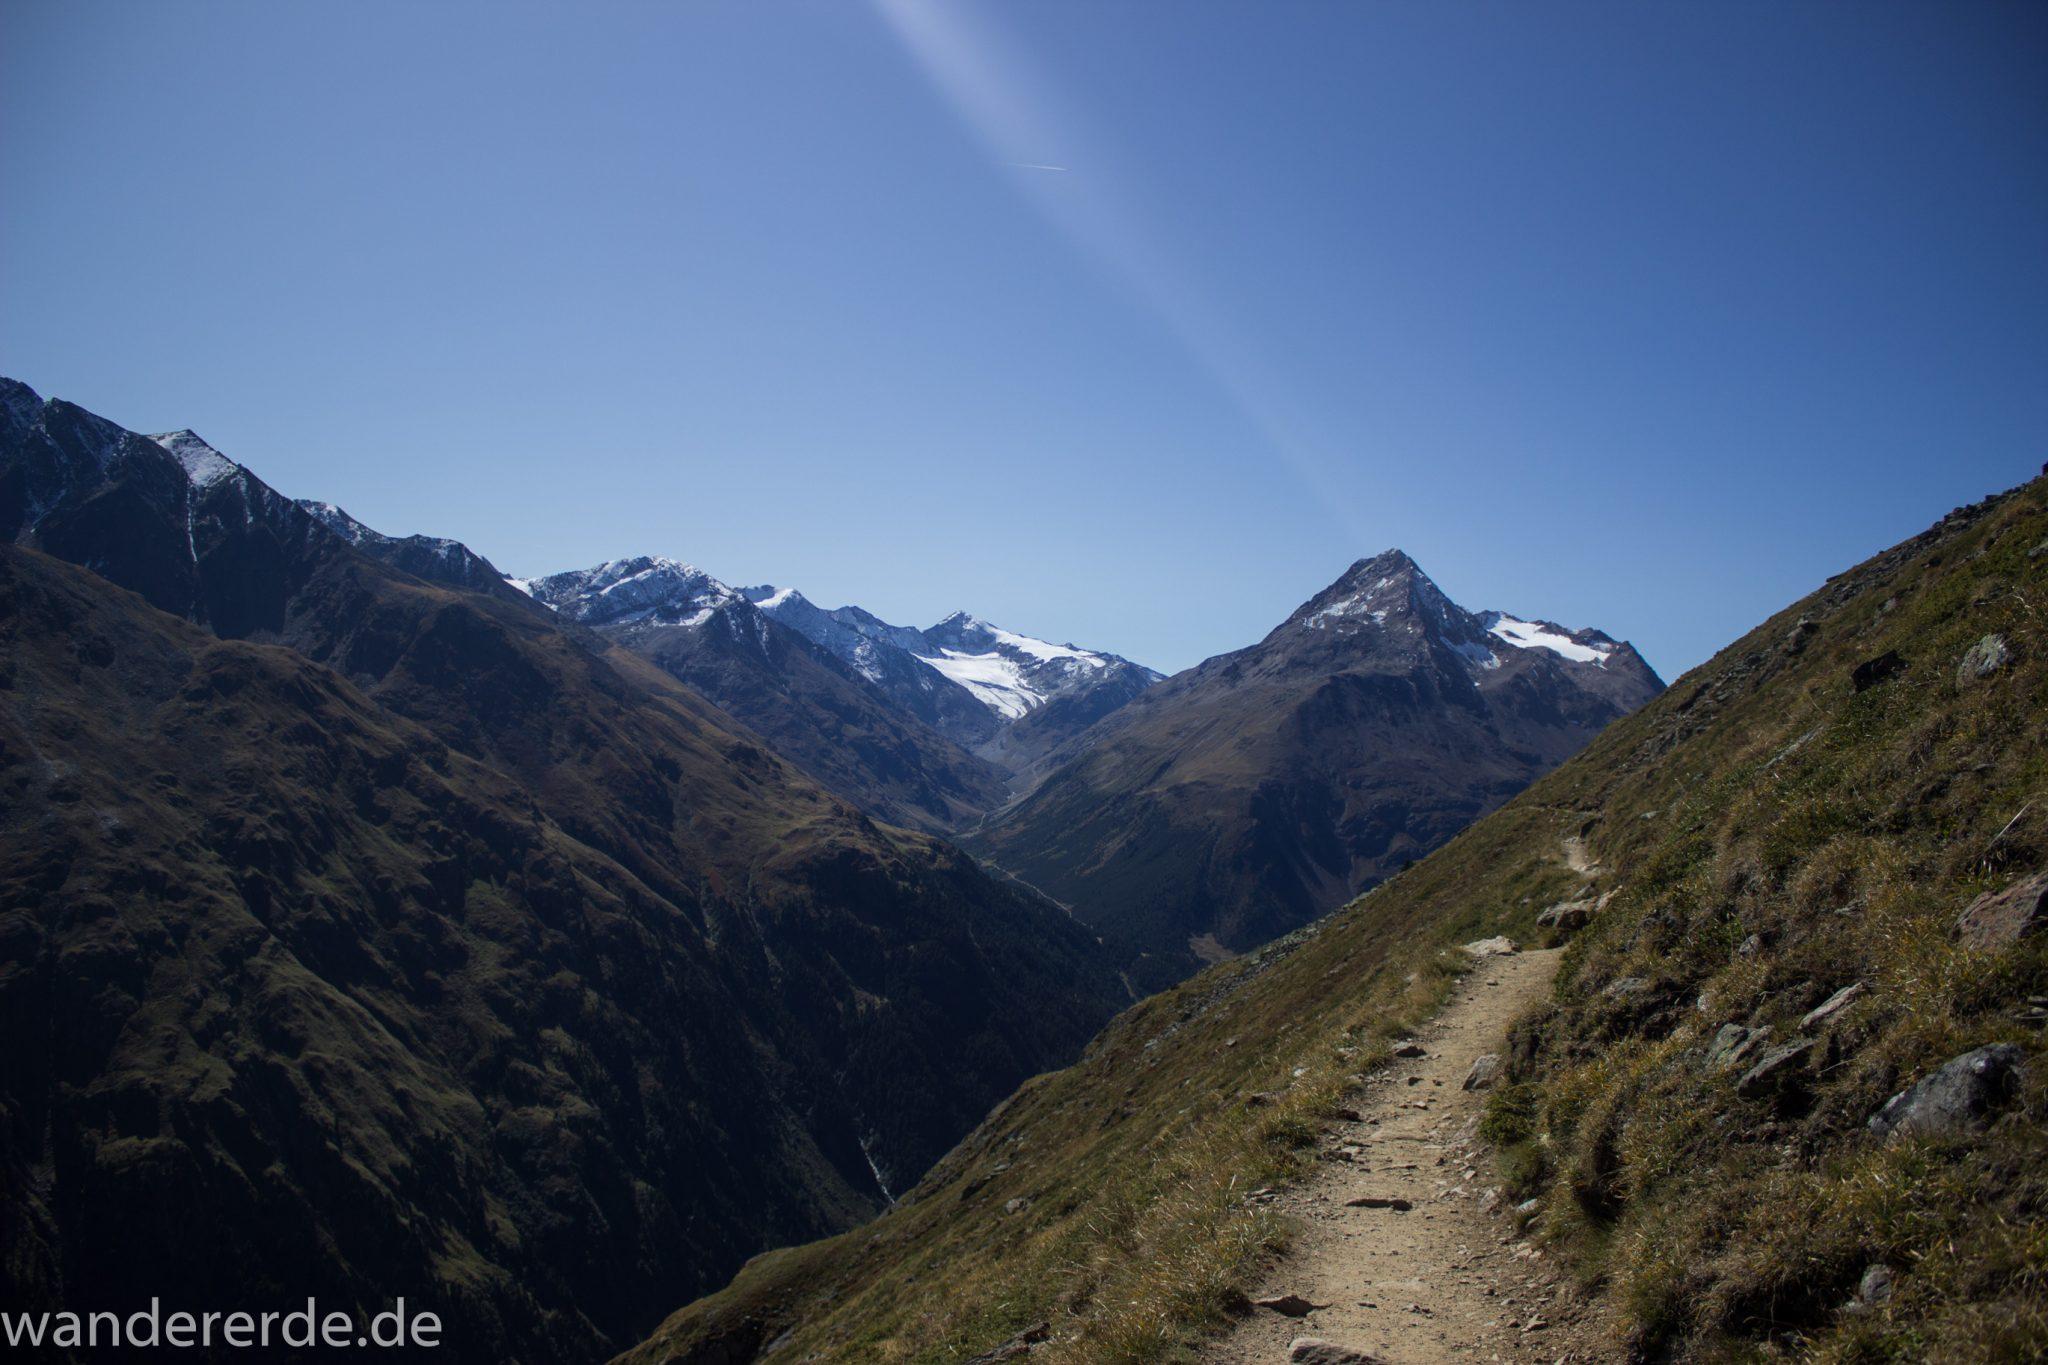 Alpenüberquerung Fernwanderweg E5 Oberstdorf Meran, 5. Etappe von Braunschweiger Hütte zur Martin-Busch-Hütte, Wanderung auf dem neuen Panoramaweg nach Vent dauert 4 Stunden, sehr abwechslungsreiche Wegführung auf schmalem, schönem Wanderweg, Zeit vergeht schnell, immer nur kurze Abschnitte ansteigend bergauf, dann wieder bergab, zauberhafte Ausblicke auf die umliegenden Berge und ins Tal, herrliches Wetter zum Wandern bei strahlendem Sonnenschein, Blick auf Wanderweg am Berghang entlang